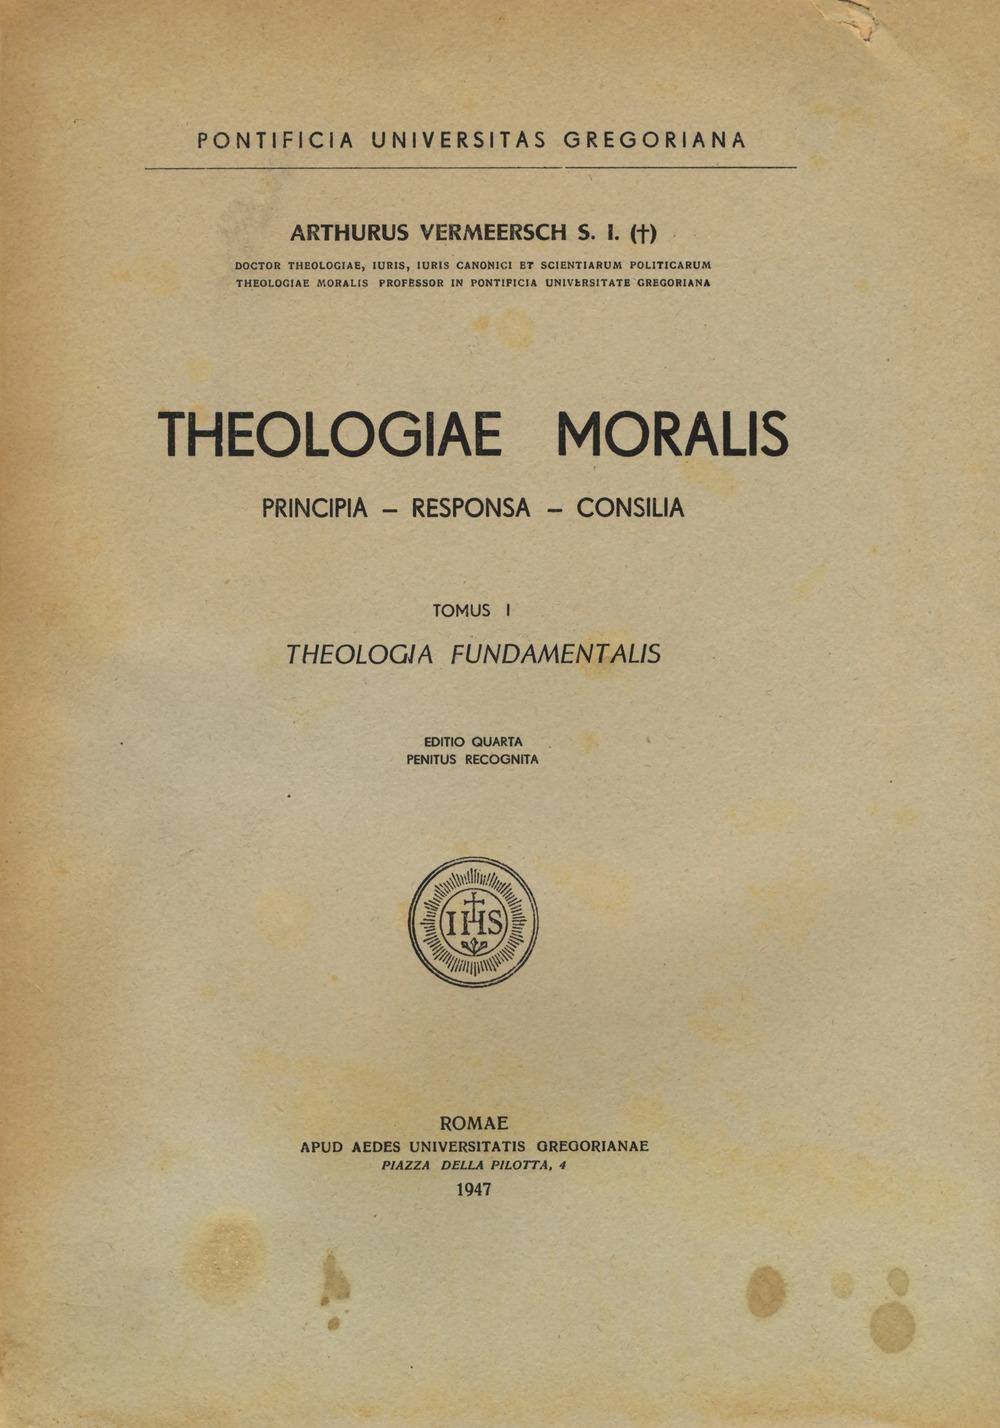 Theologiae moralis. Theologia fundamentalis